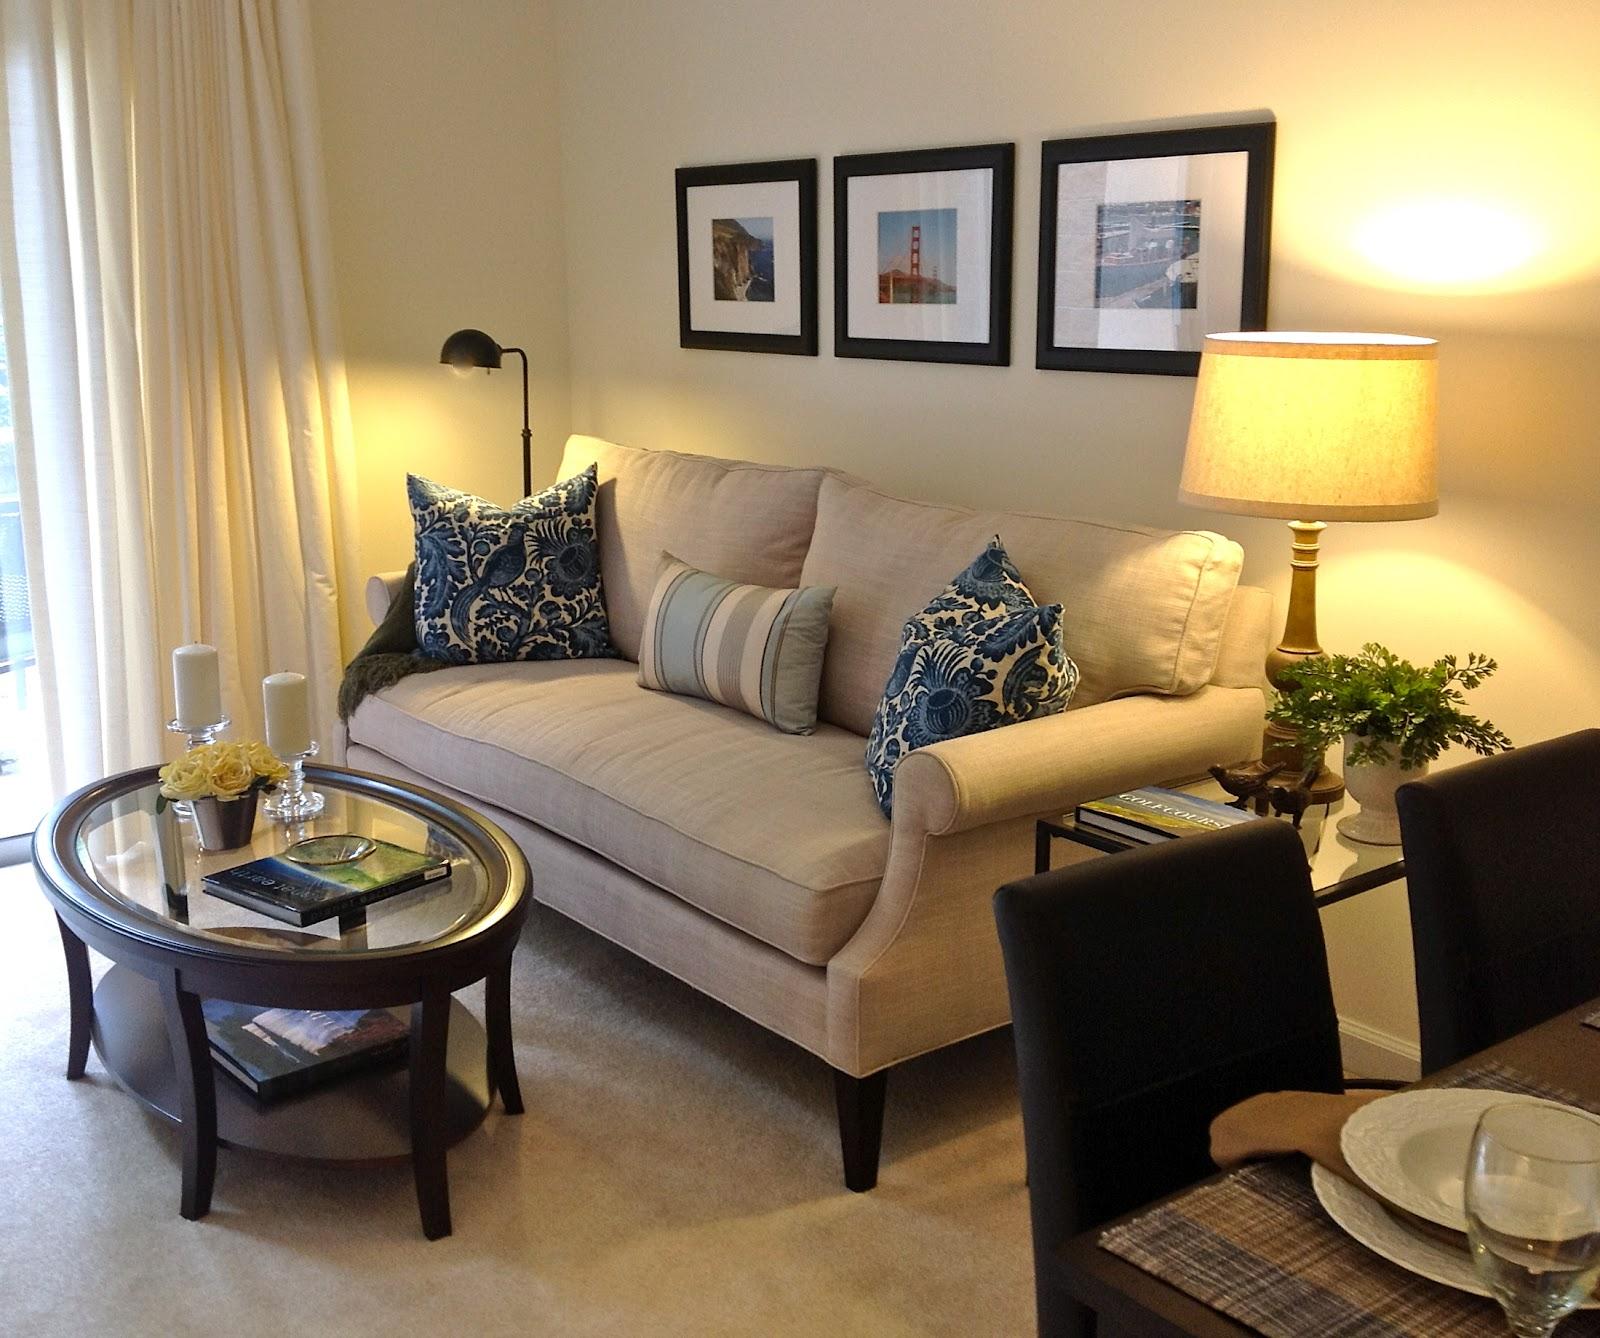 Phần tay vịn sofa thiết kế điệu đà, hơi vát vào phía trong và cong tròn sang hai bên giúp tăng tính thẩm mỹ và người dùng cũng cảm thấy thoải mái hơn khi kê tay lên